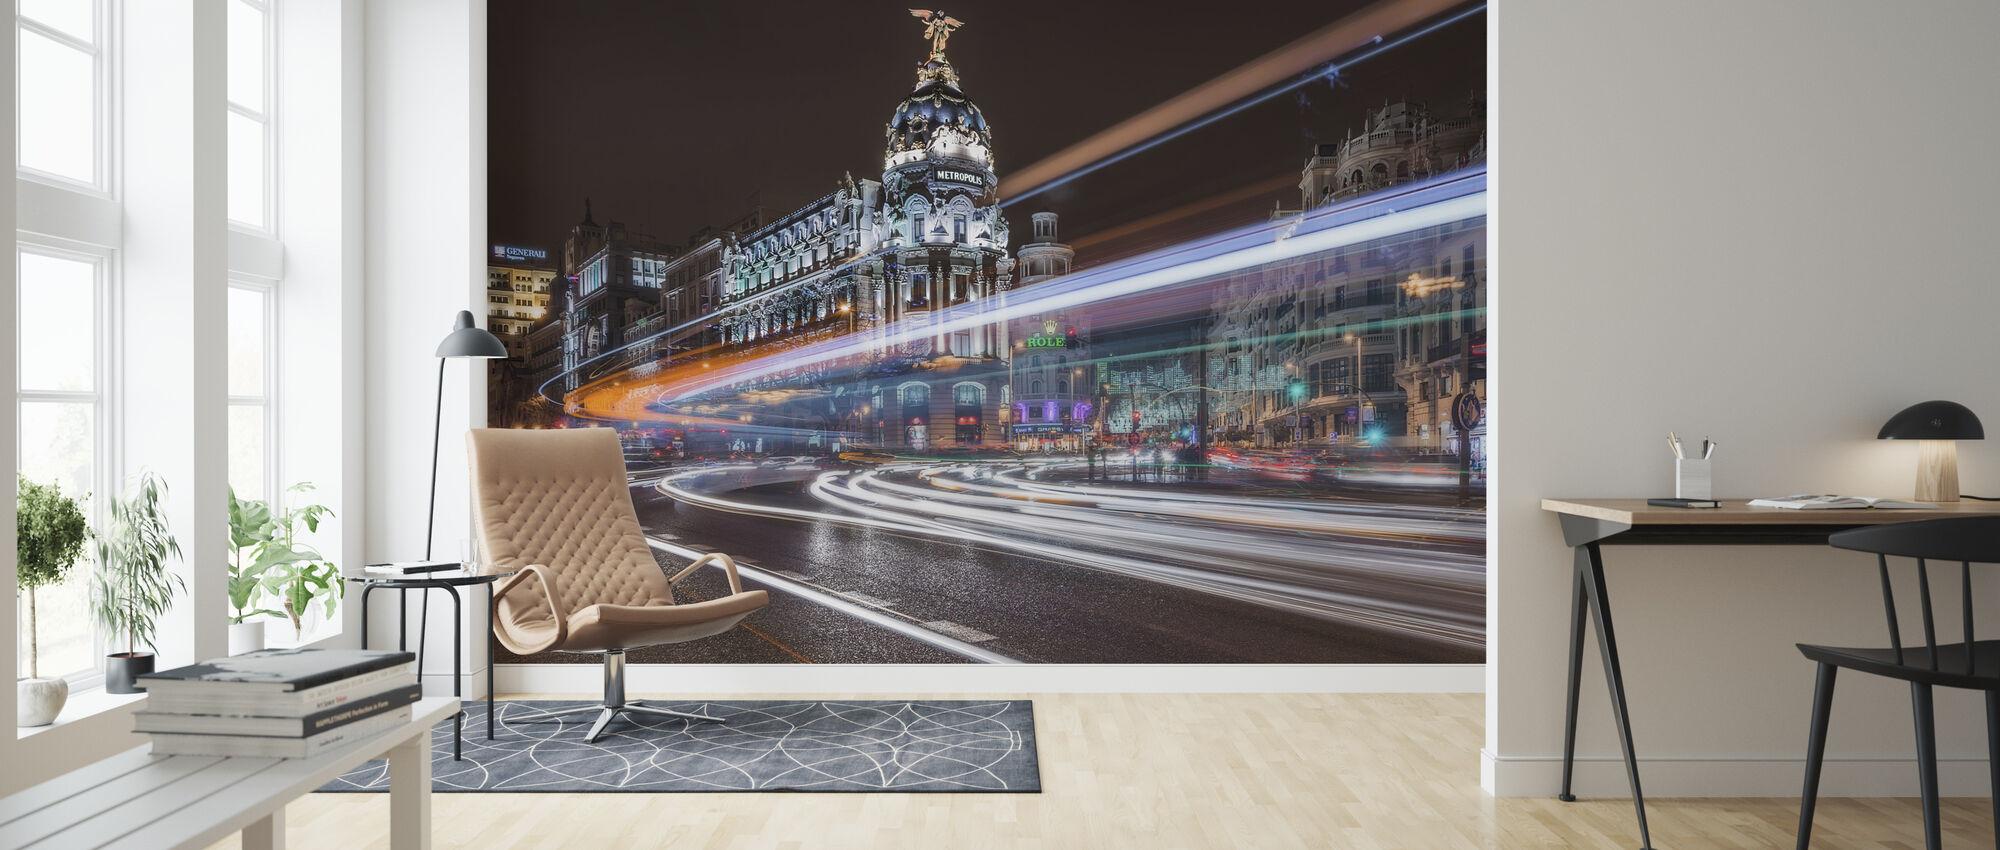 Madrid City Traffic - Wallpaper - Living Room